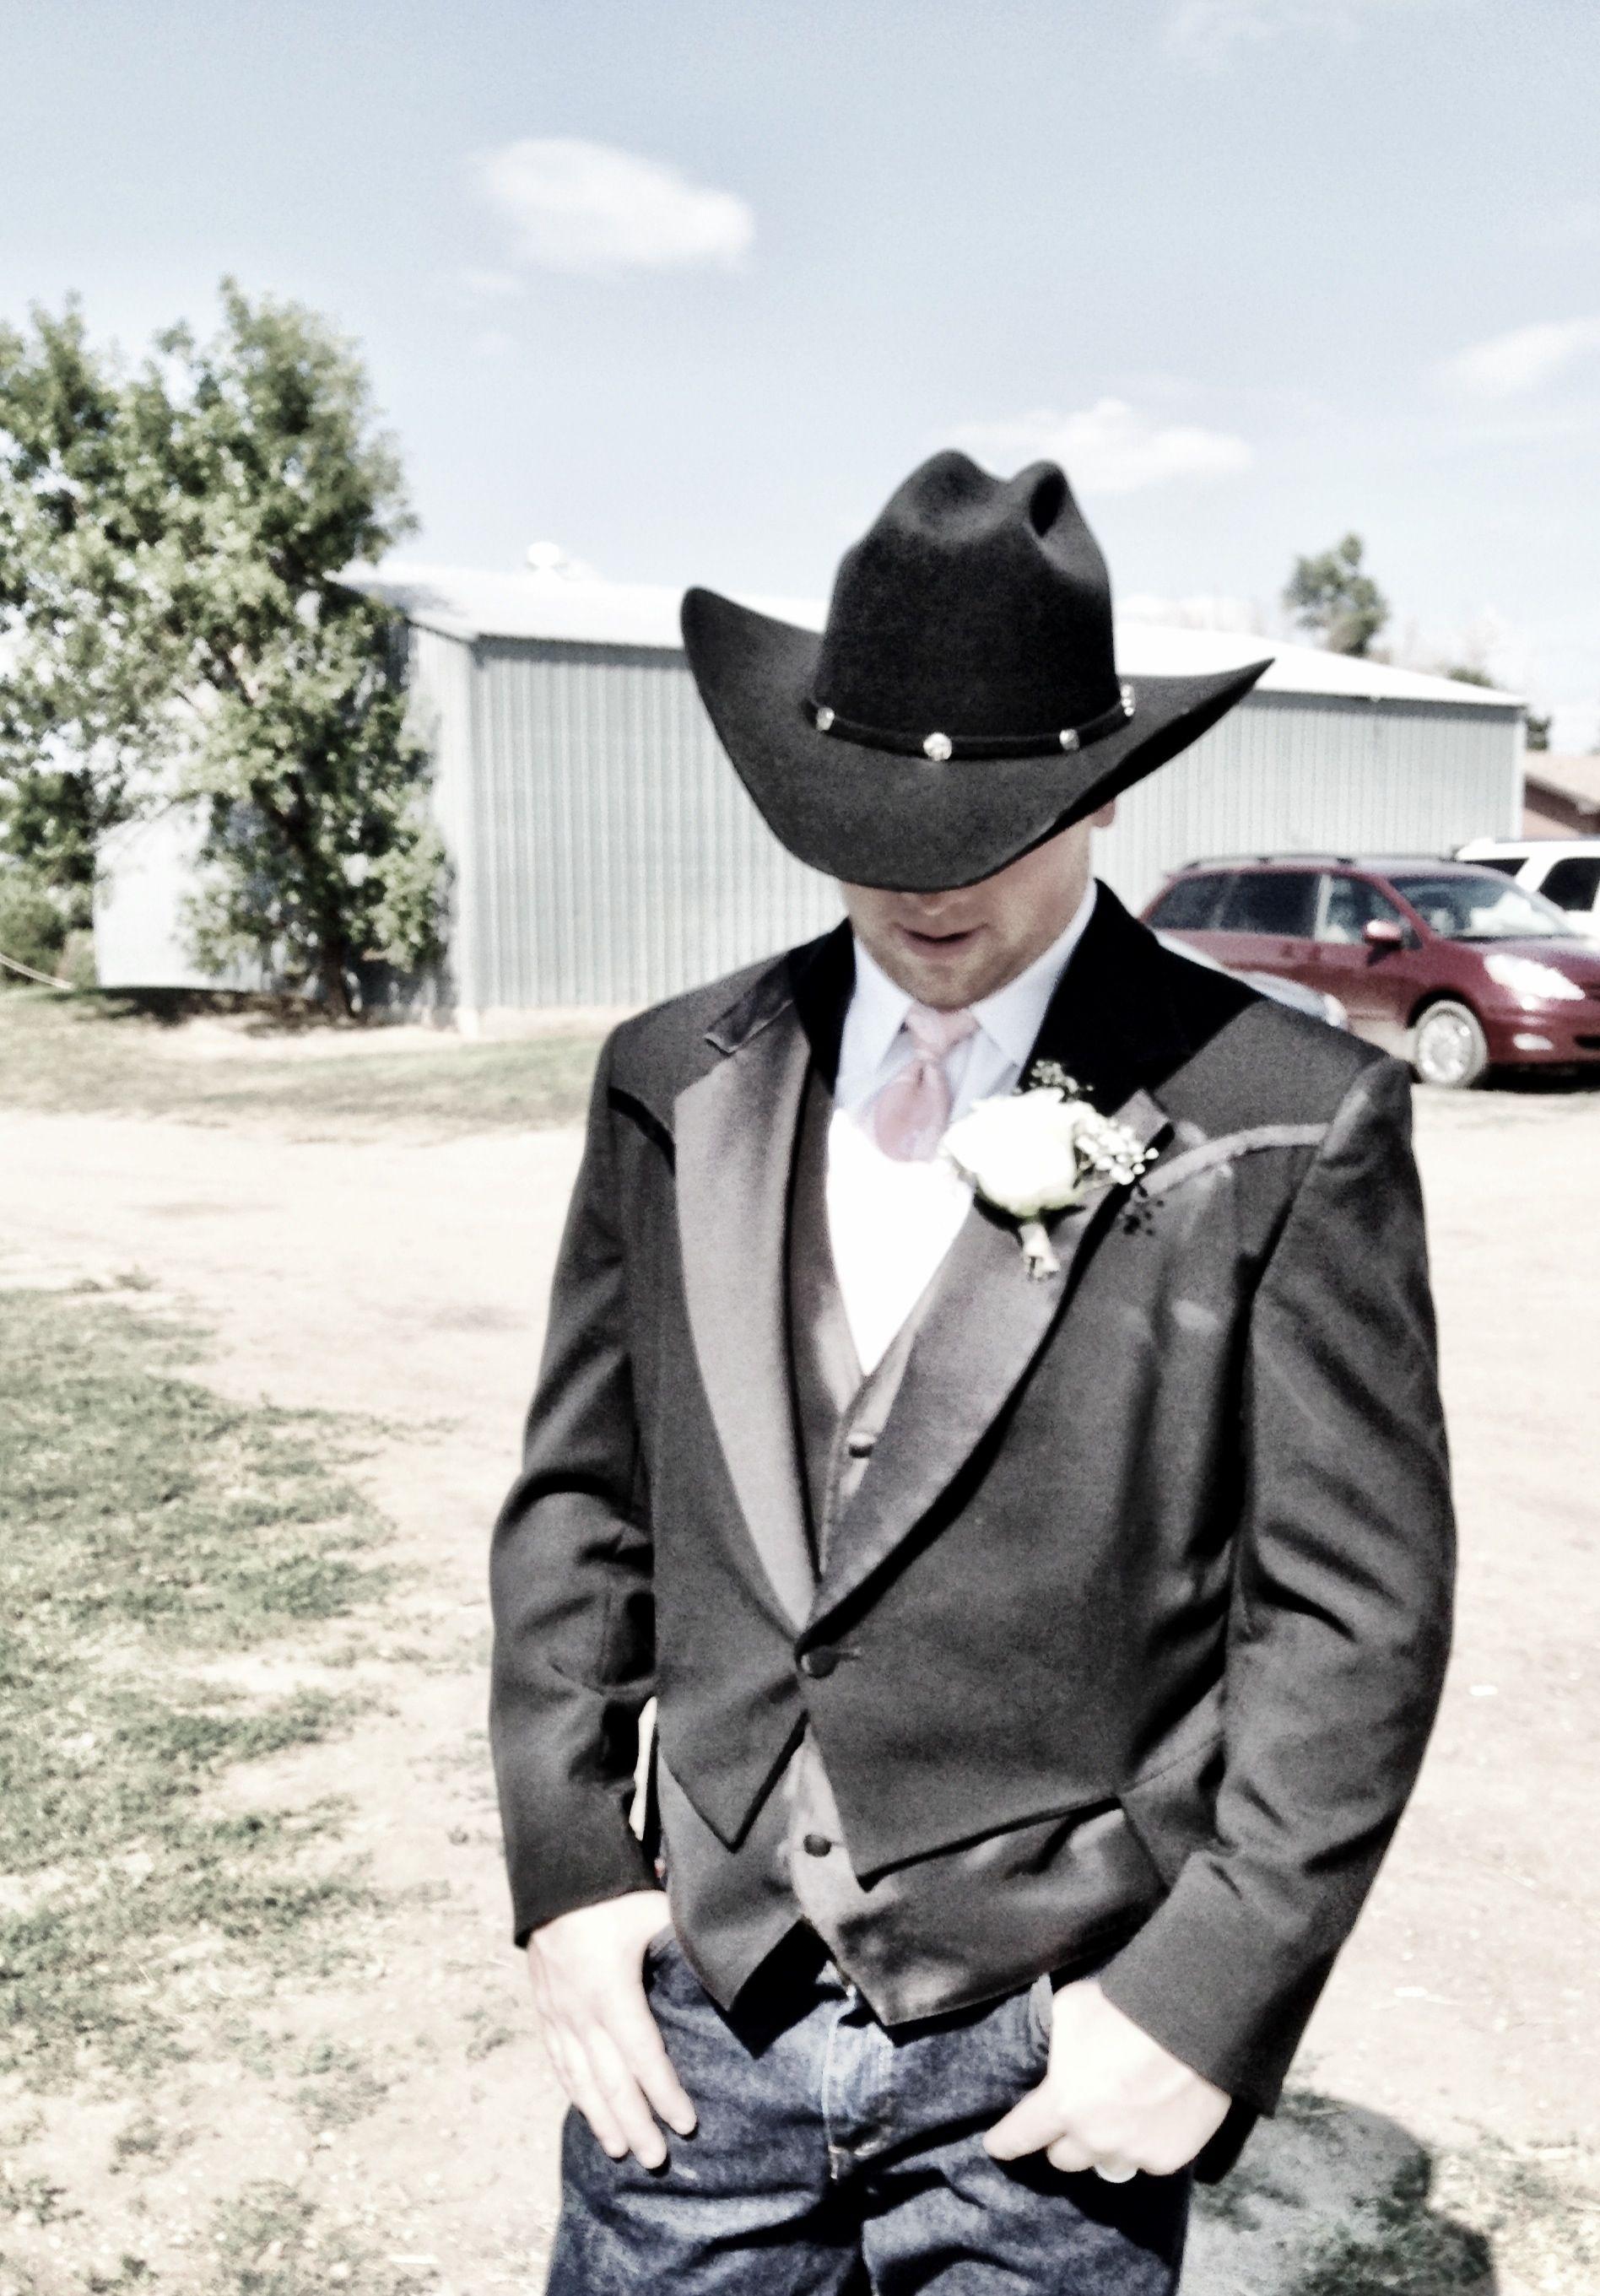 Cowboy wedding ranch western tail coat | My Western Fairytale ...